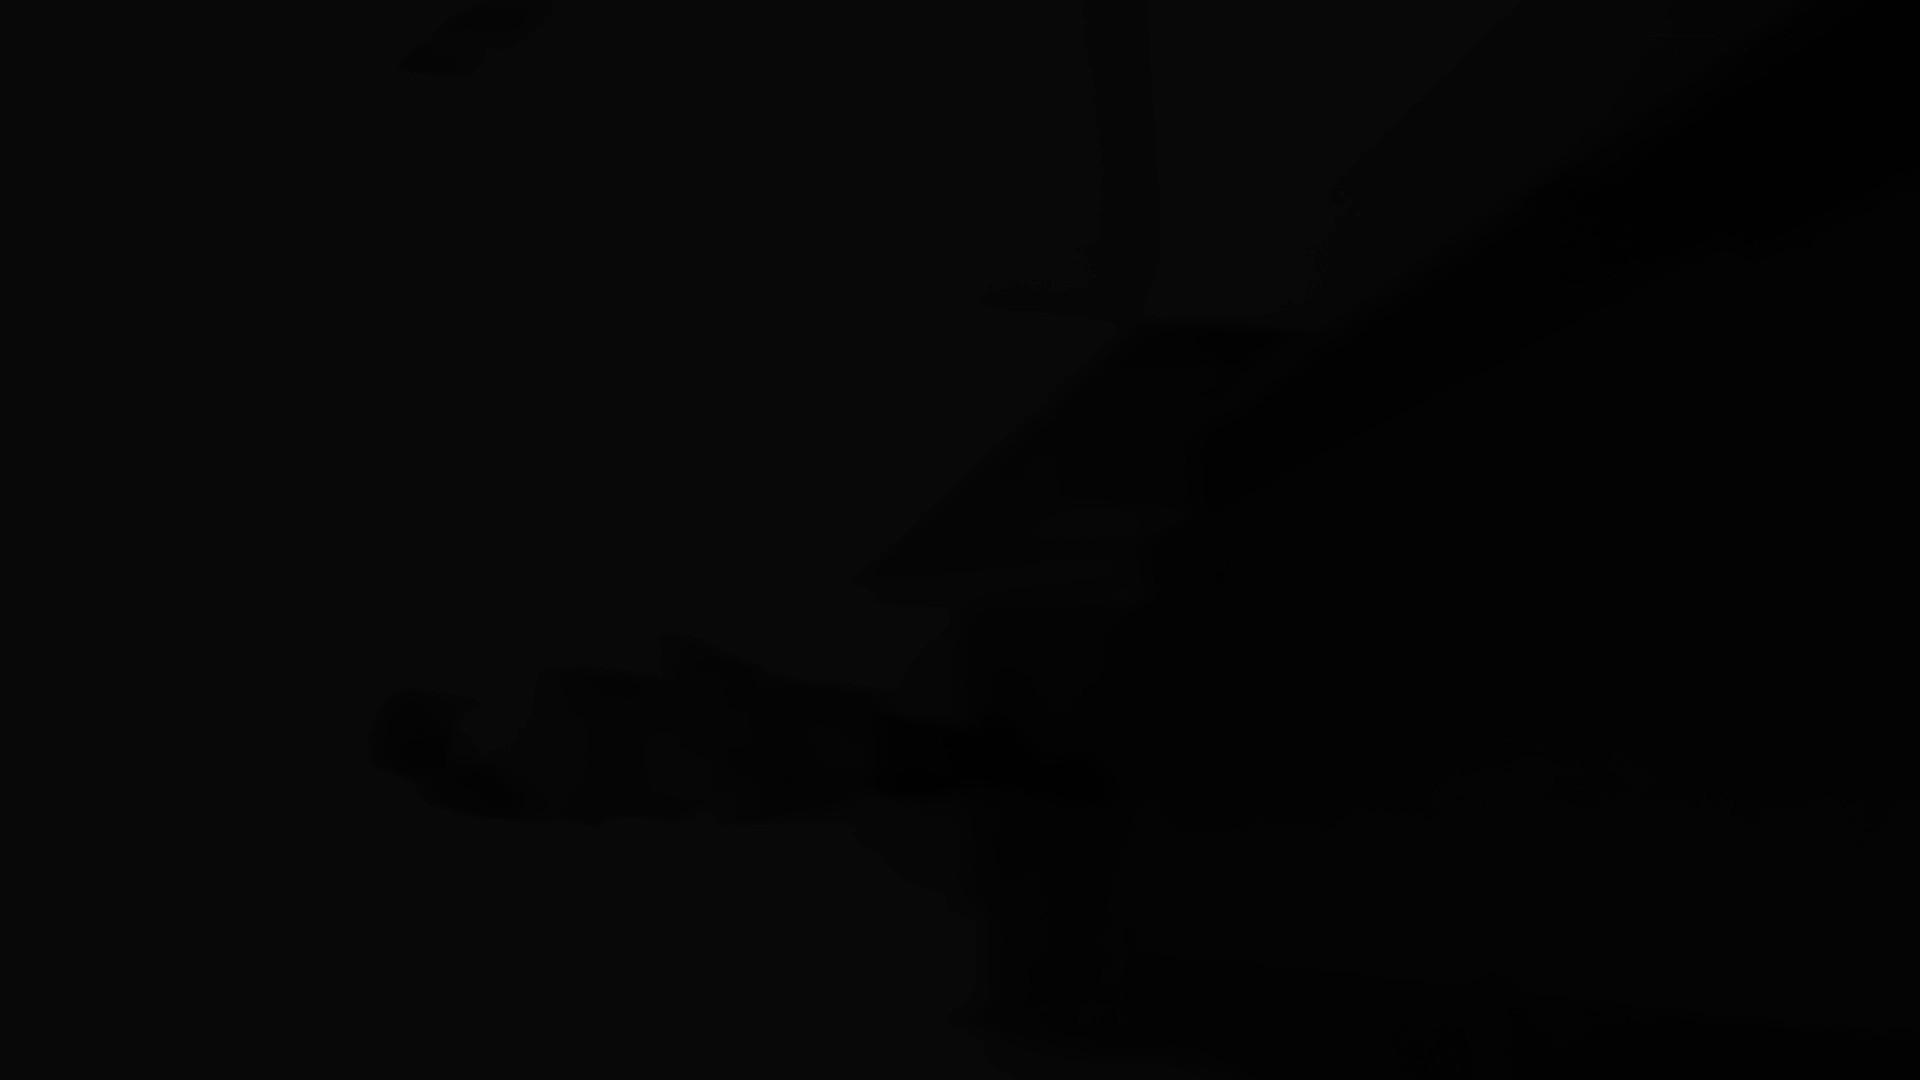 芸術大学ガチ潜入盗撮 JD盗撮 美女の洗面所の秘密 Vol.98 盛合せ アダルト動画キャプチャ 110枚 51